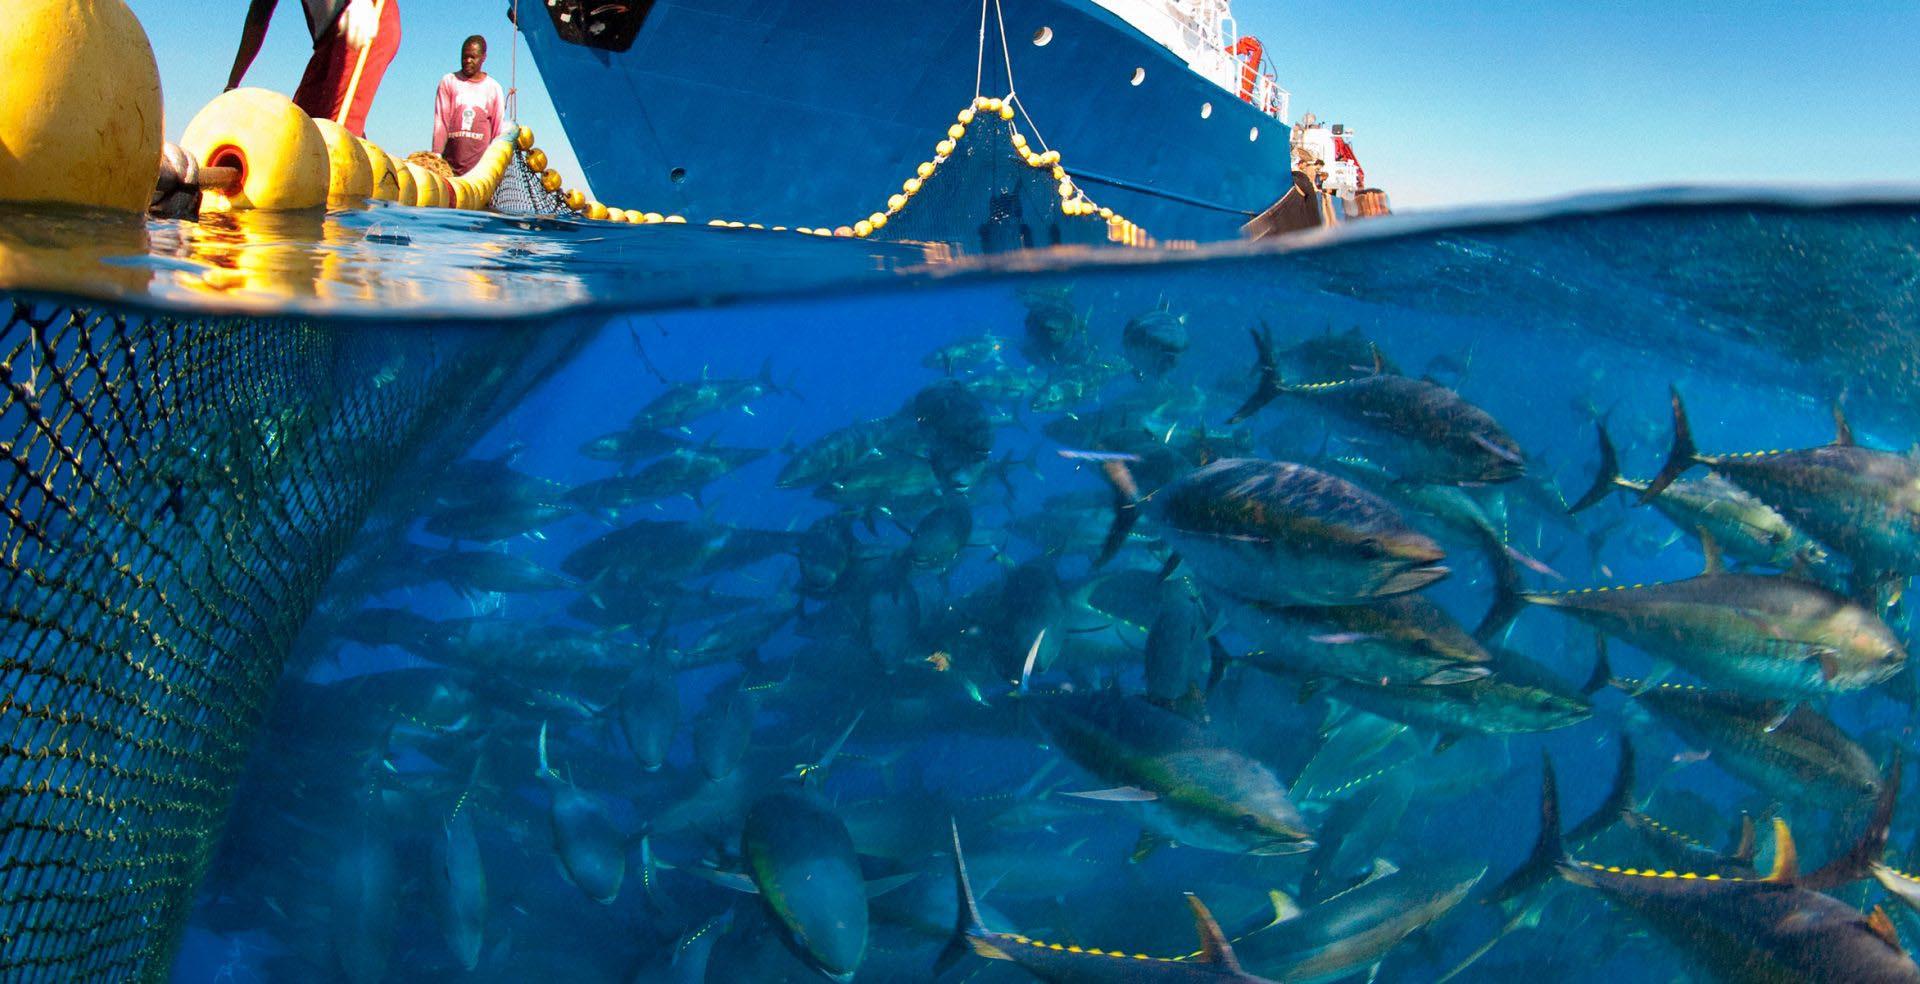 Ciemne strony rybołówstwa